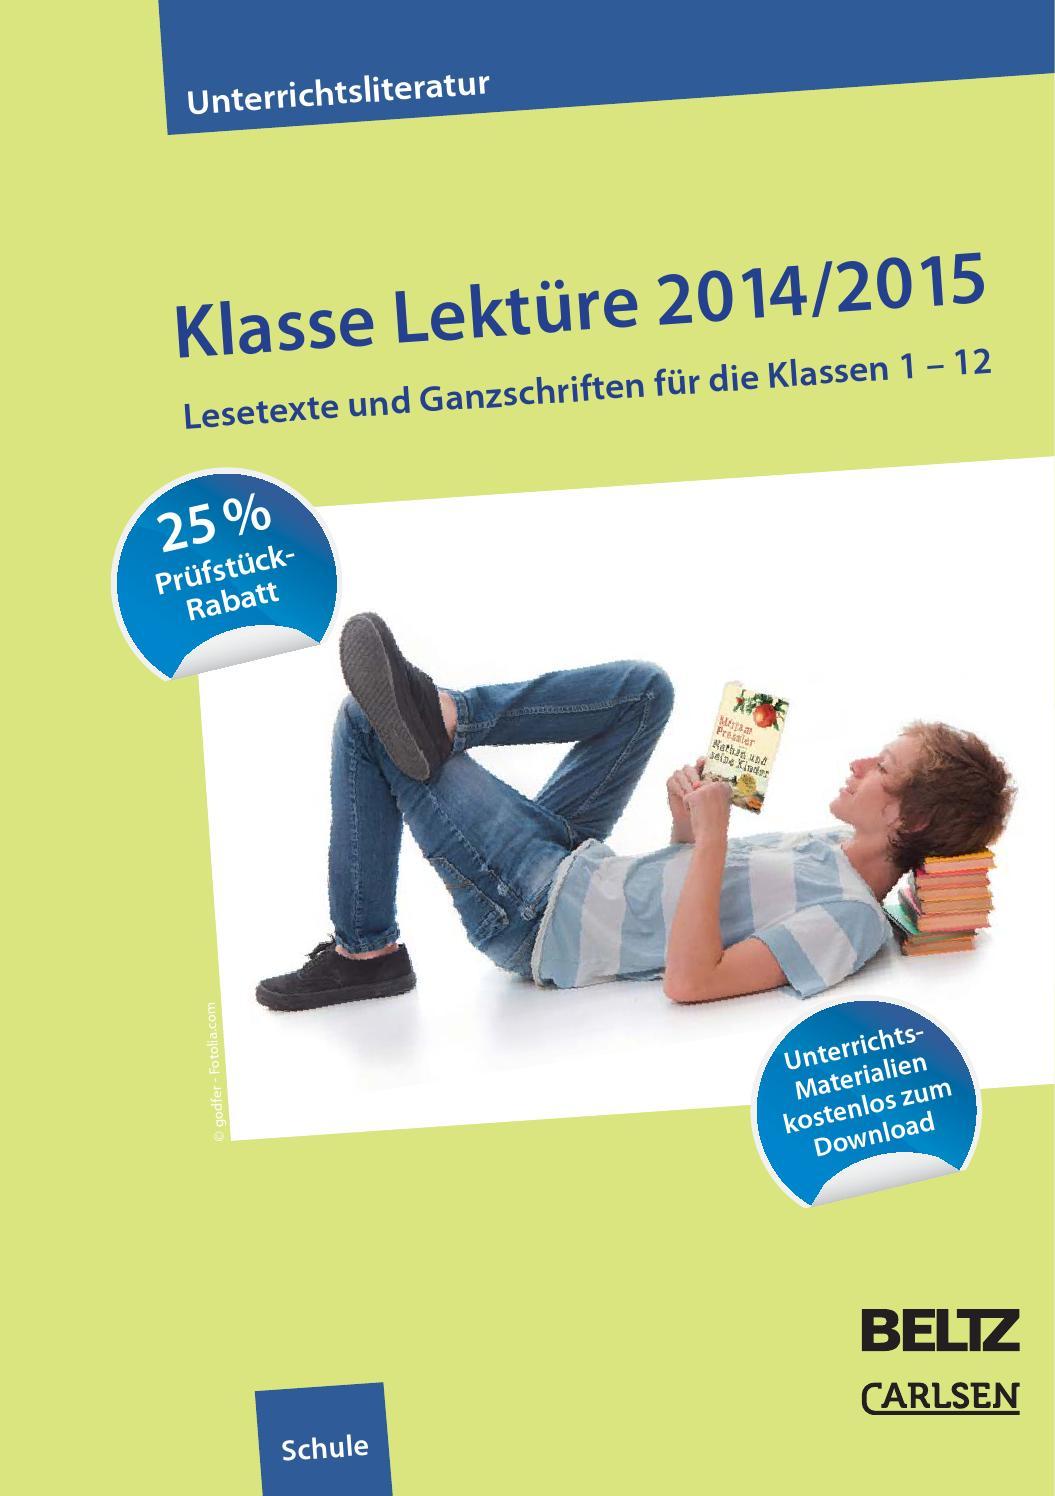 Klasse Lektüre 2014/2015 by Verlagsgruppe Beltz - issuu